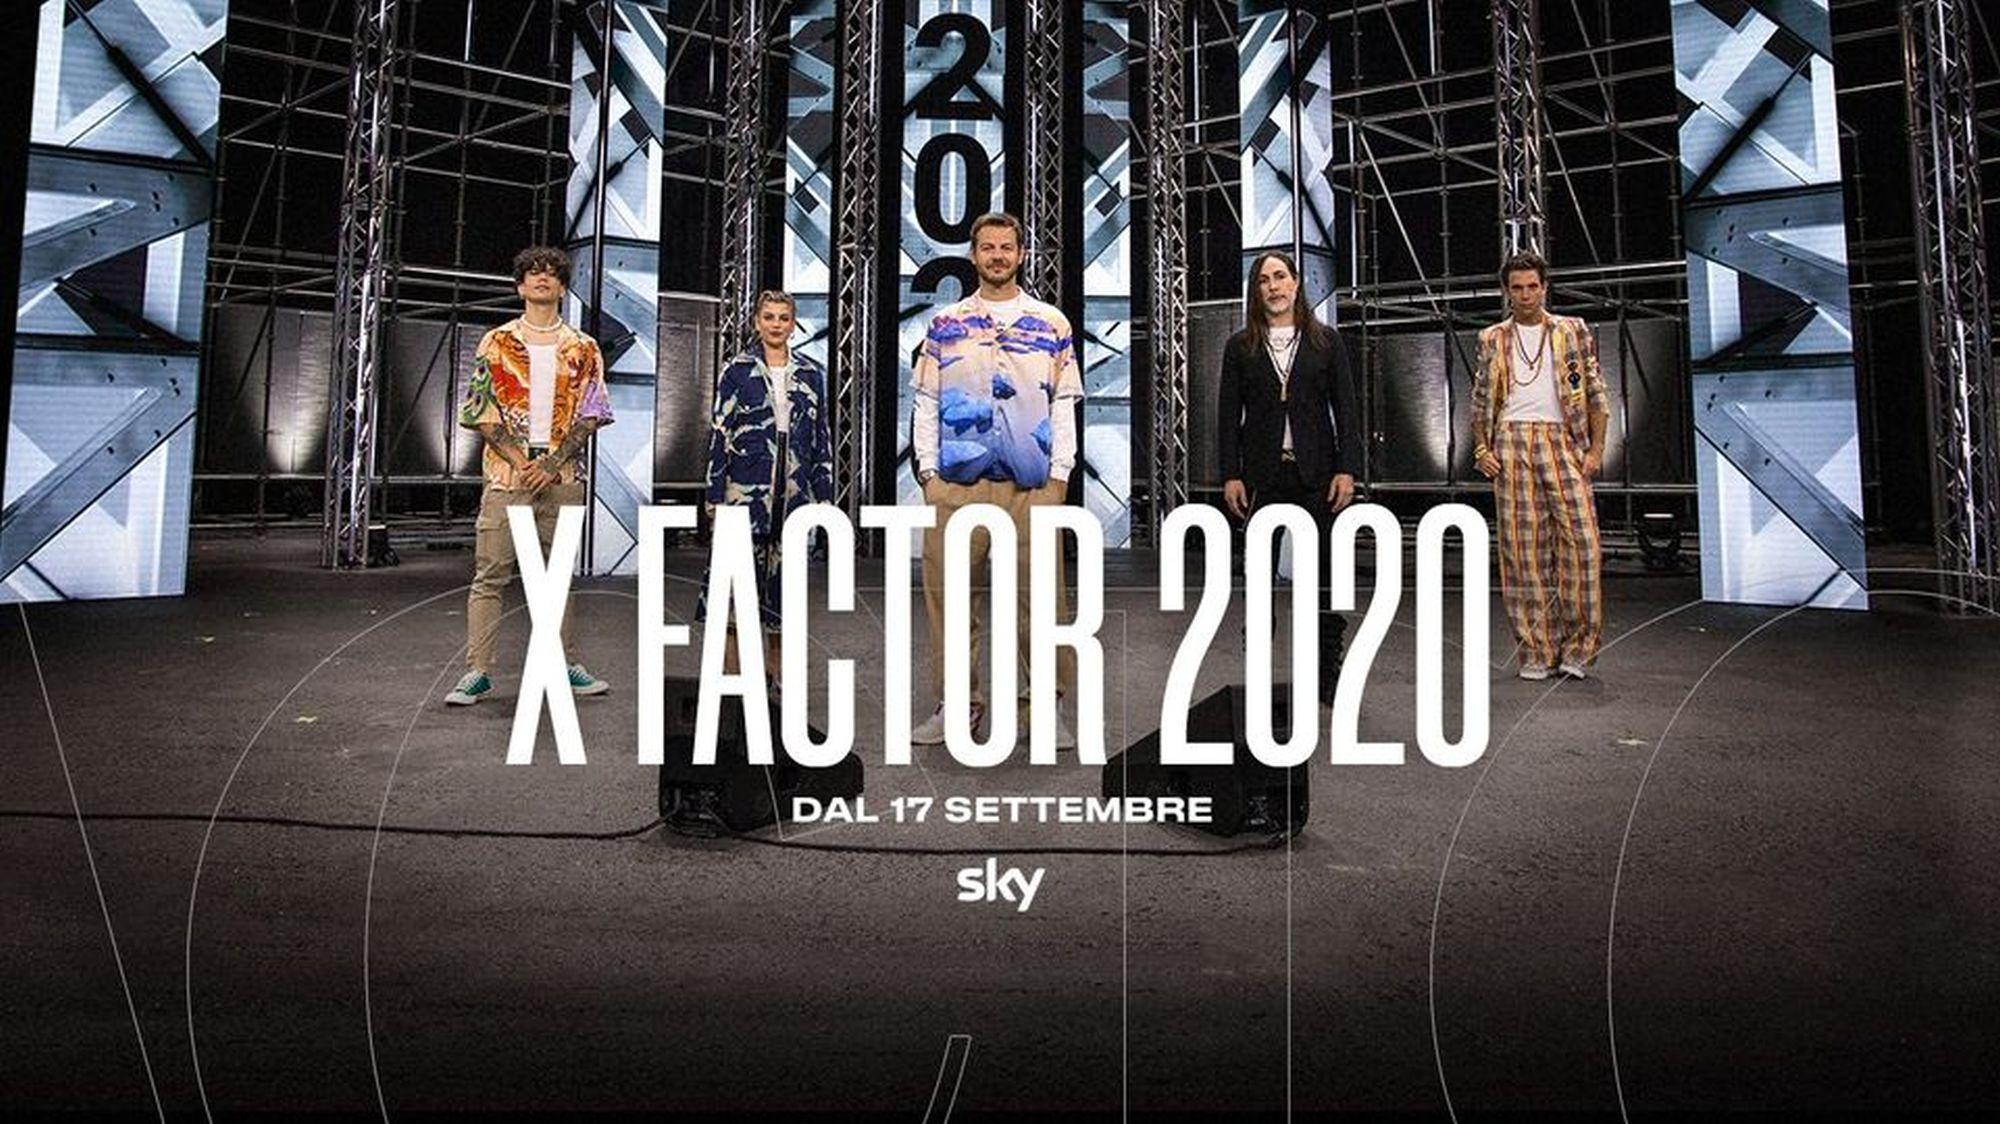 Finale X Factor 2020: anticipazioni e riassunto delle precedenti serate